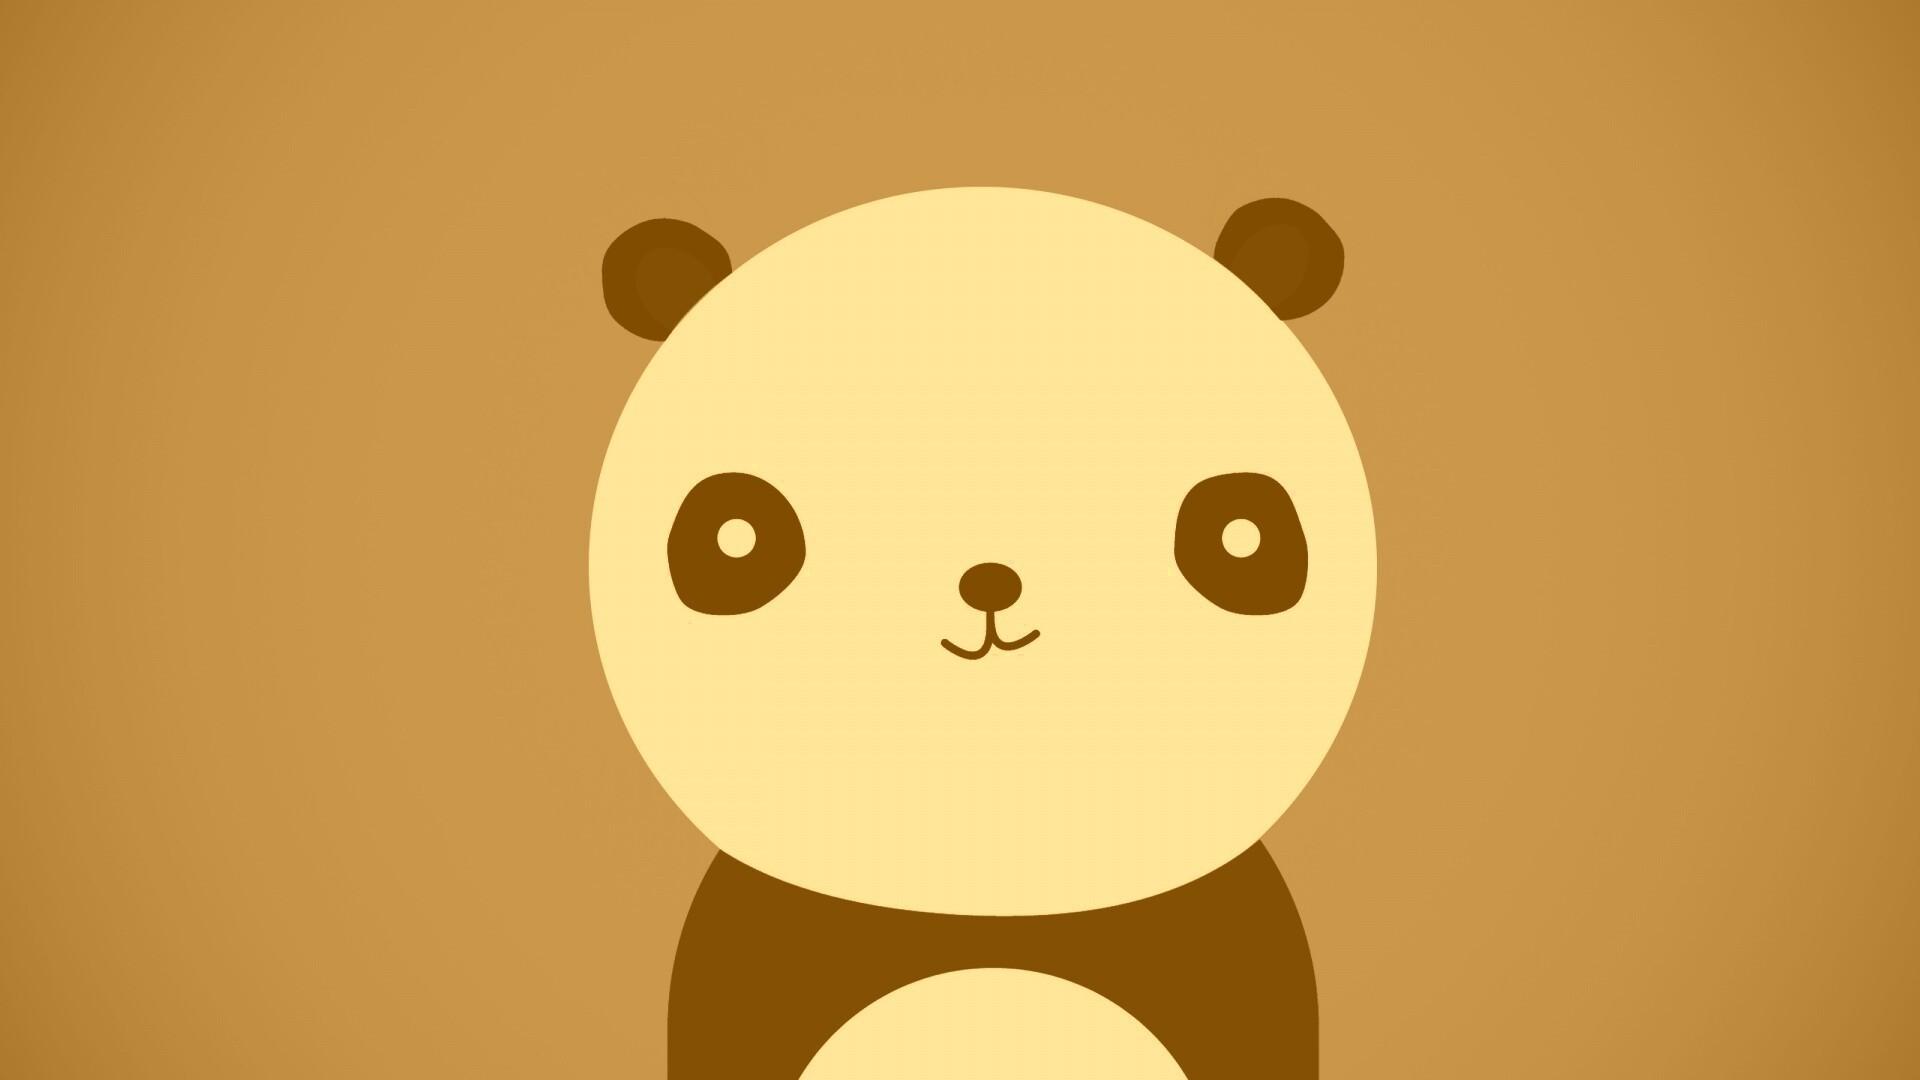 Panda Minimalist Picture